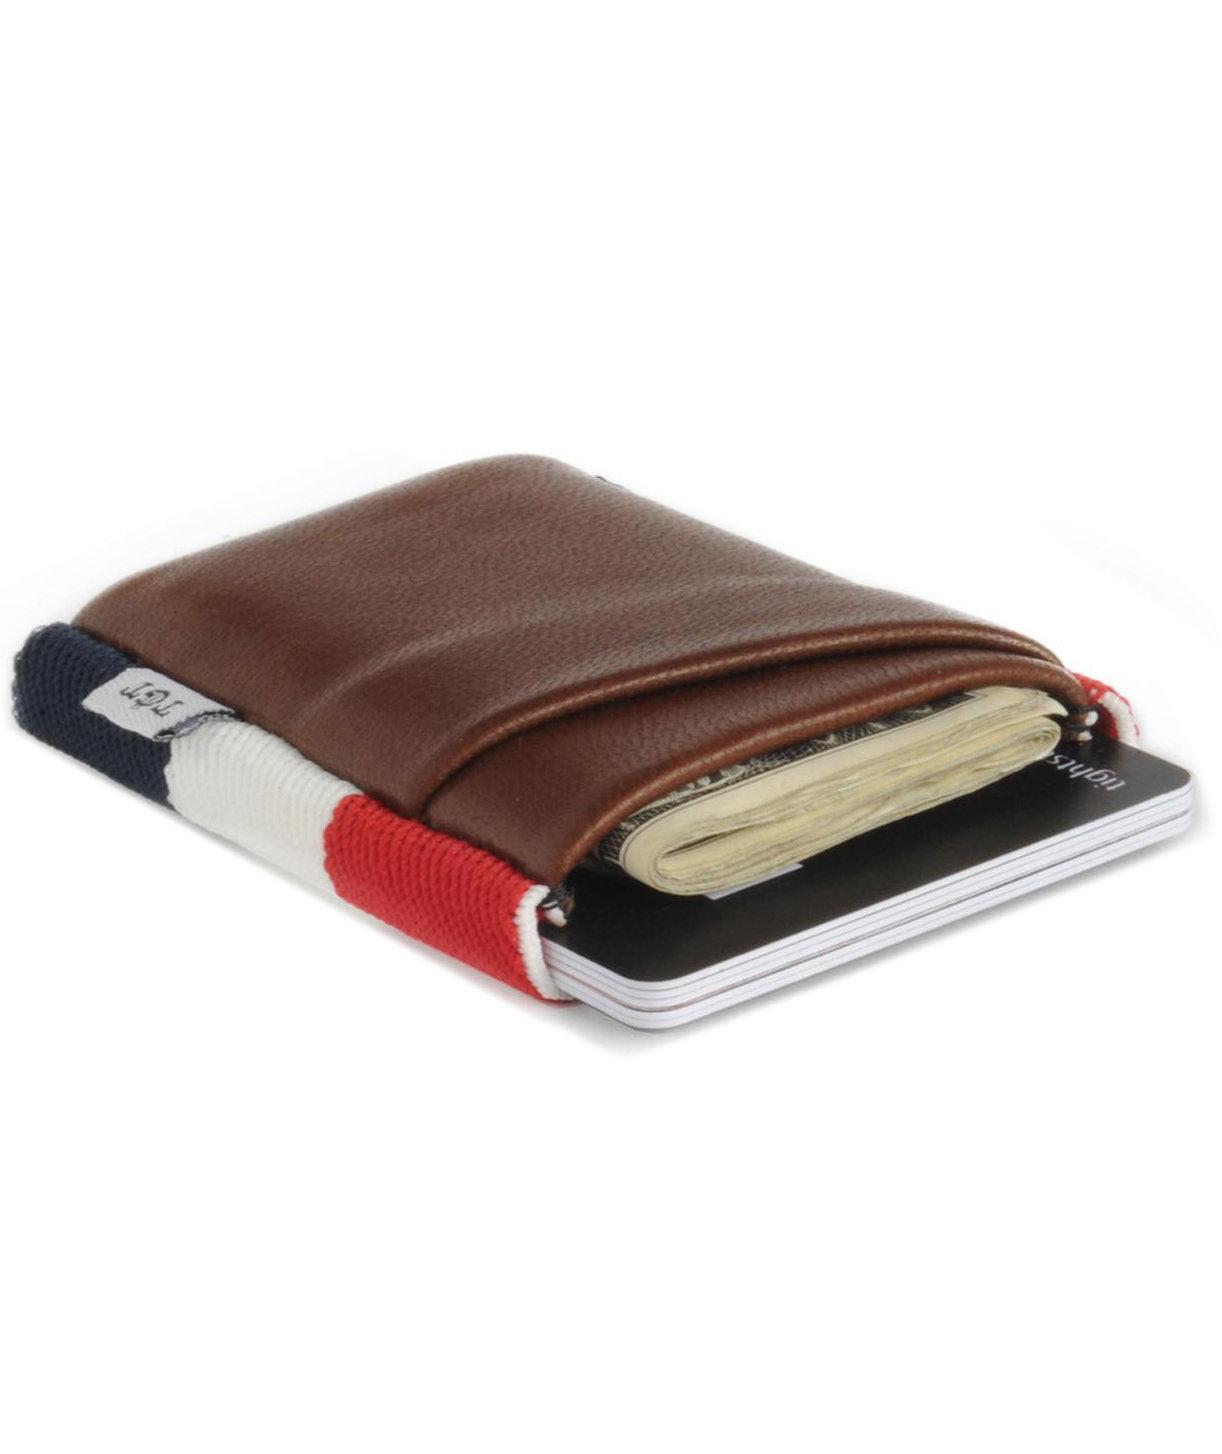 Americana Deluxe Wallet